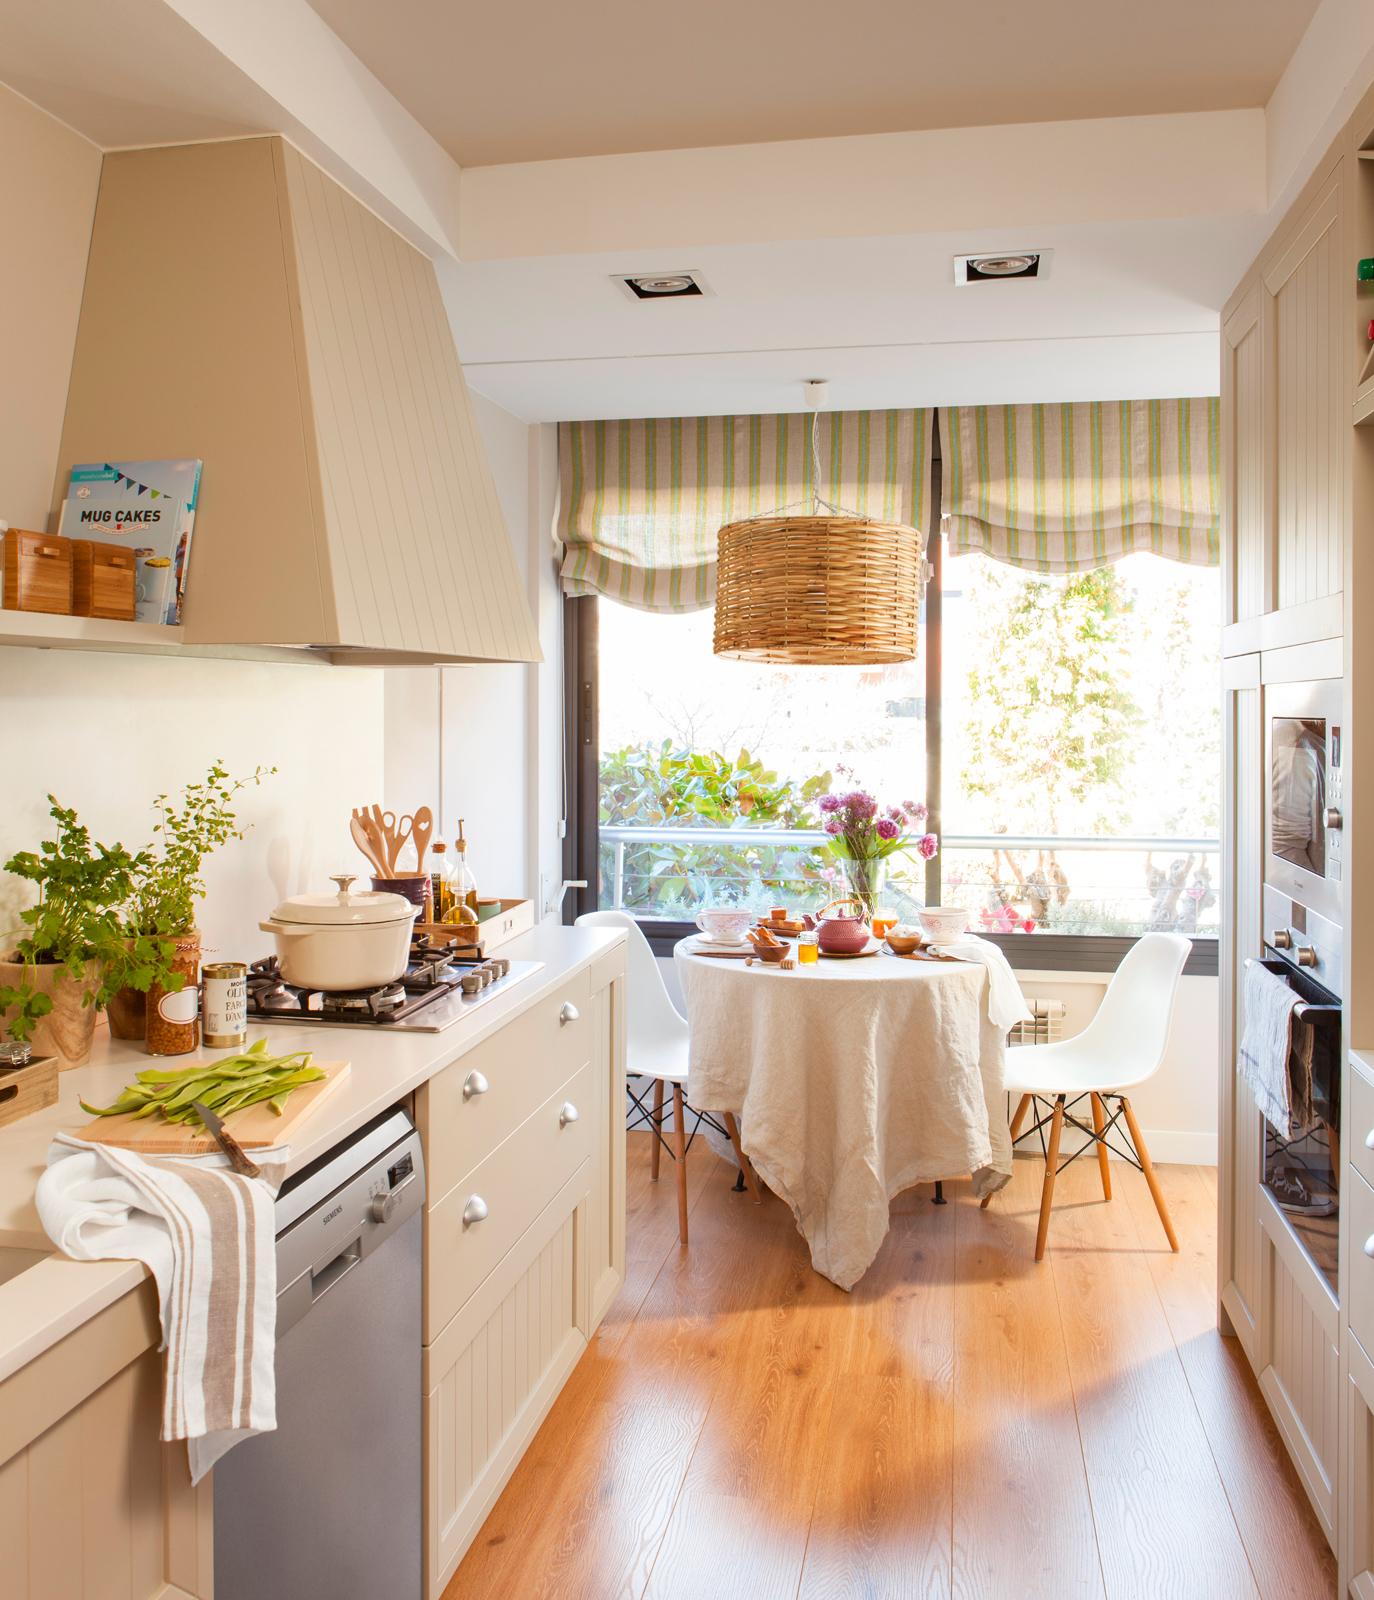 Muebles de cocina elmueble for El mueble armarios